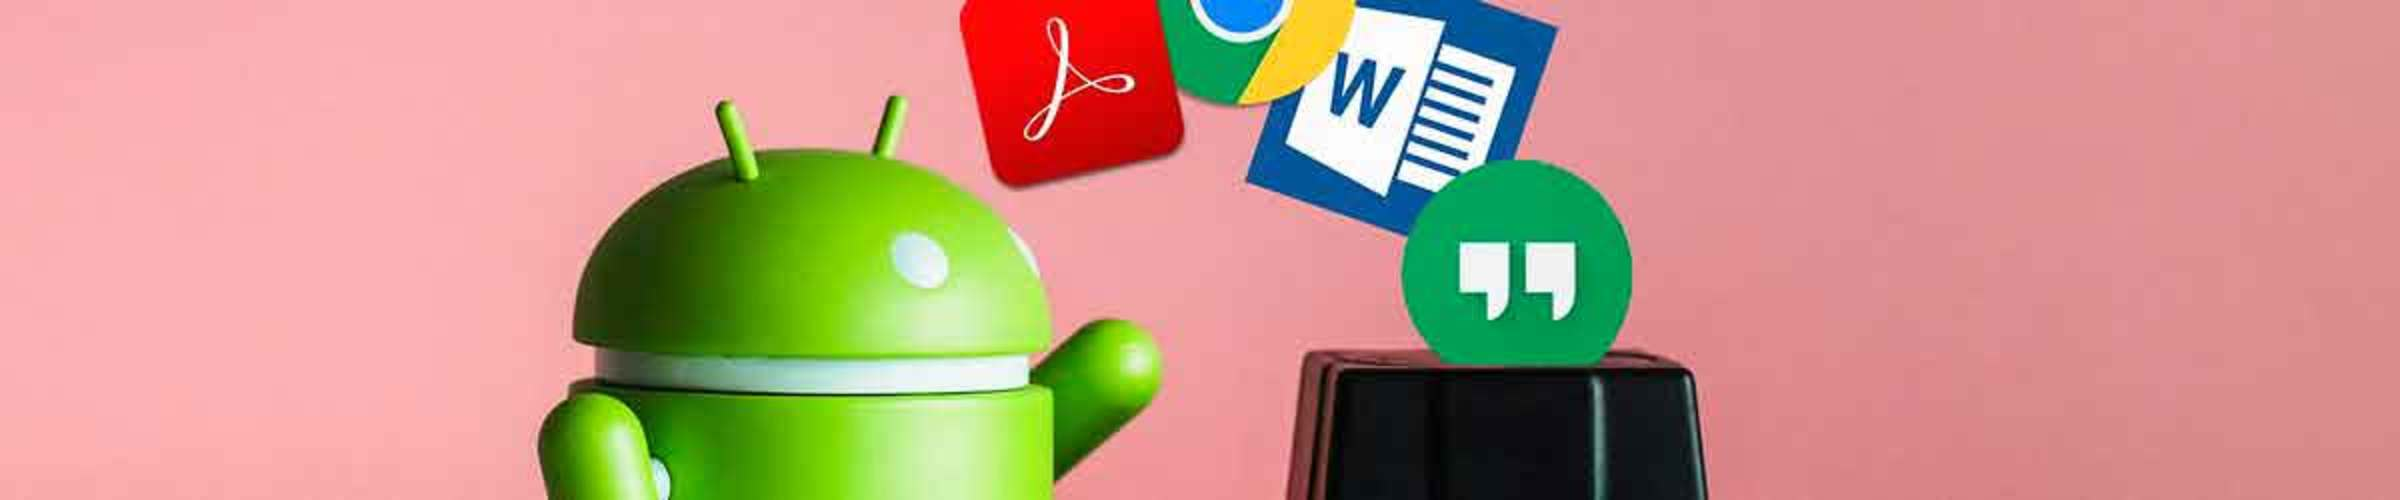 5 программ, которые необходимо удалить прямо сейчас. Android